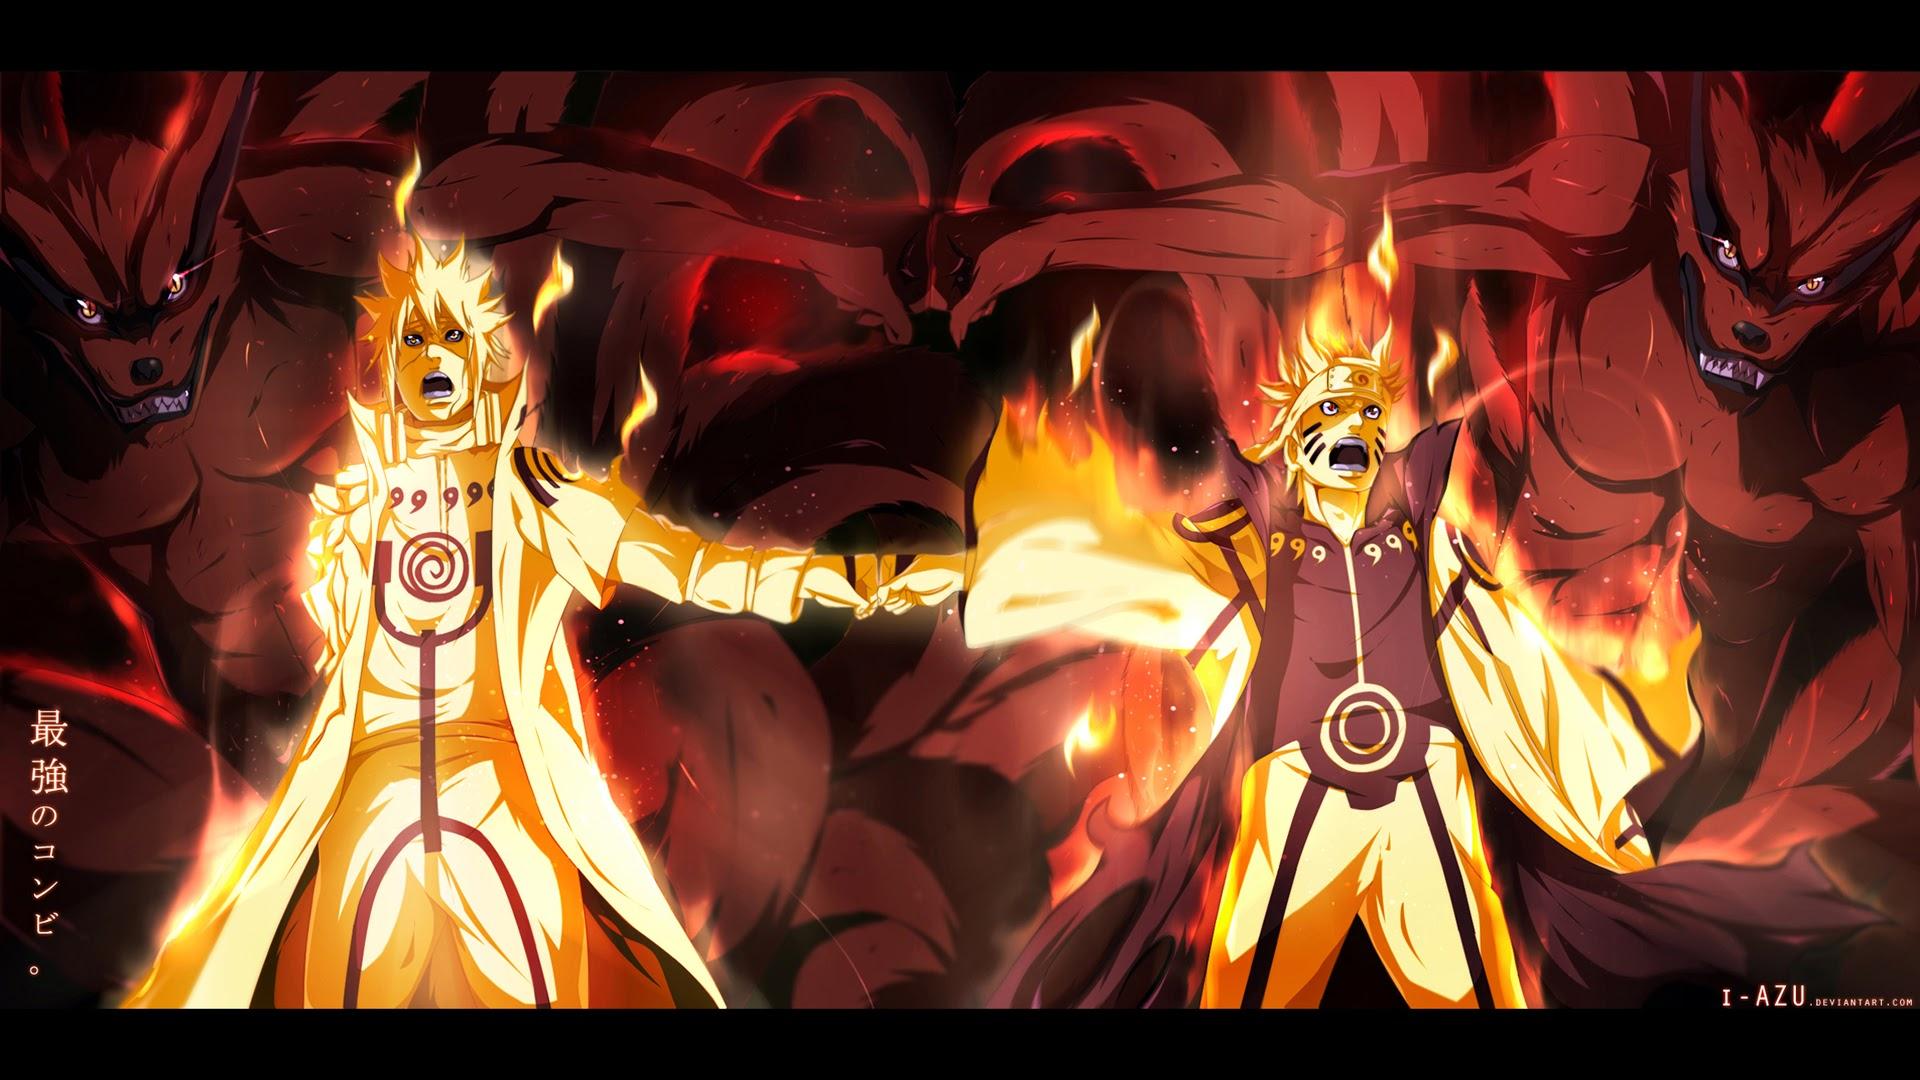 Minatao and Naruto Kyuubi 02 Wallpaper HD 1920x1080